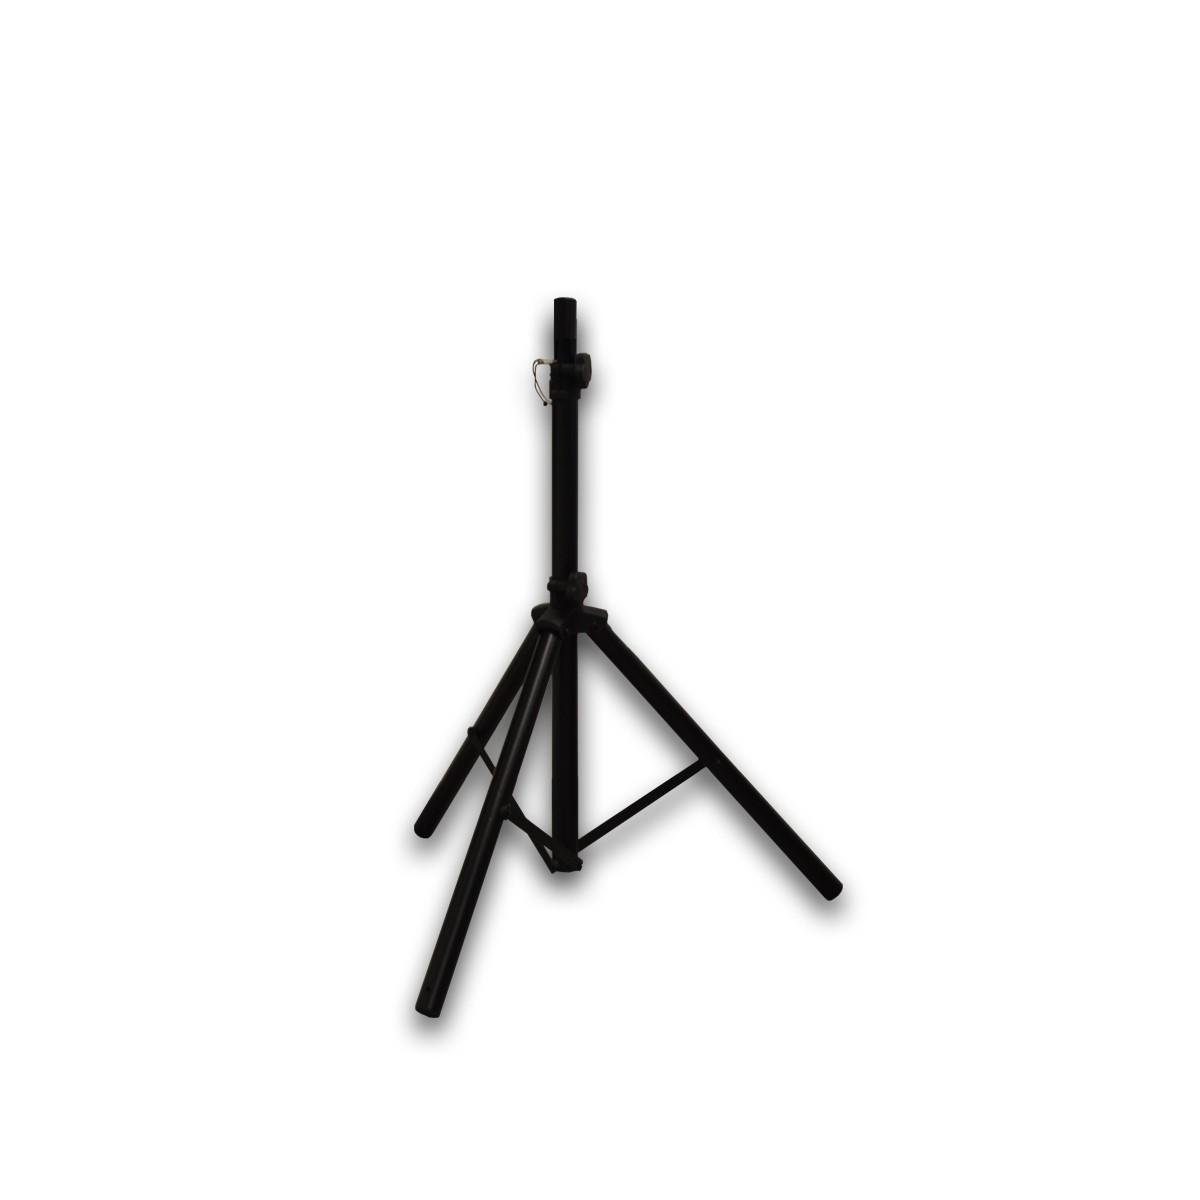 PremiumX 4K SAT Anlage 80cm Antenne Stahl Ziegelrot mit Single LNB und Dreibein Stativ Tripod inkl. 3x Stahl-Heringe